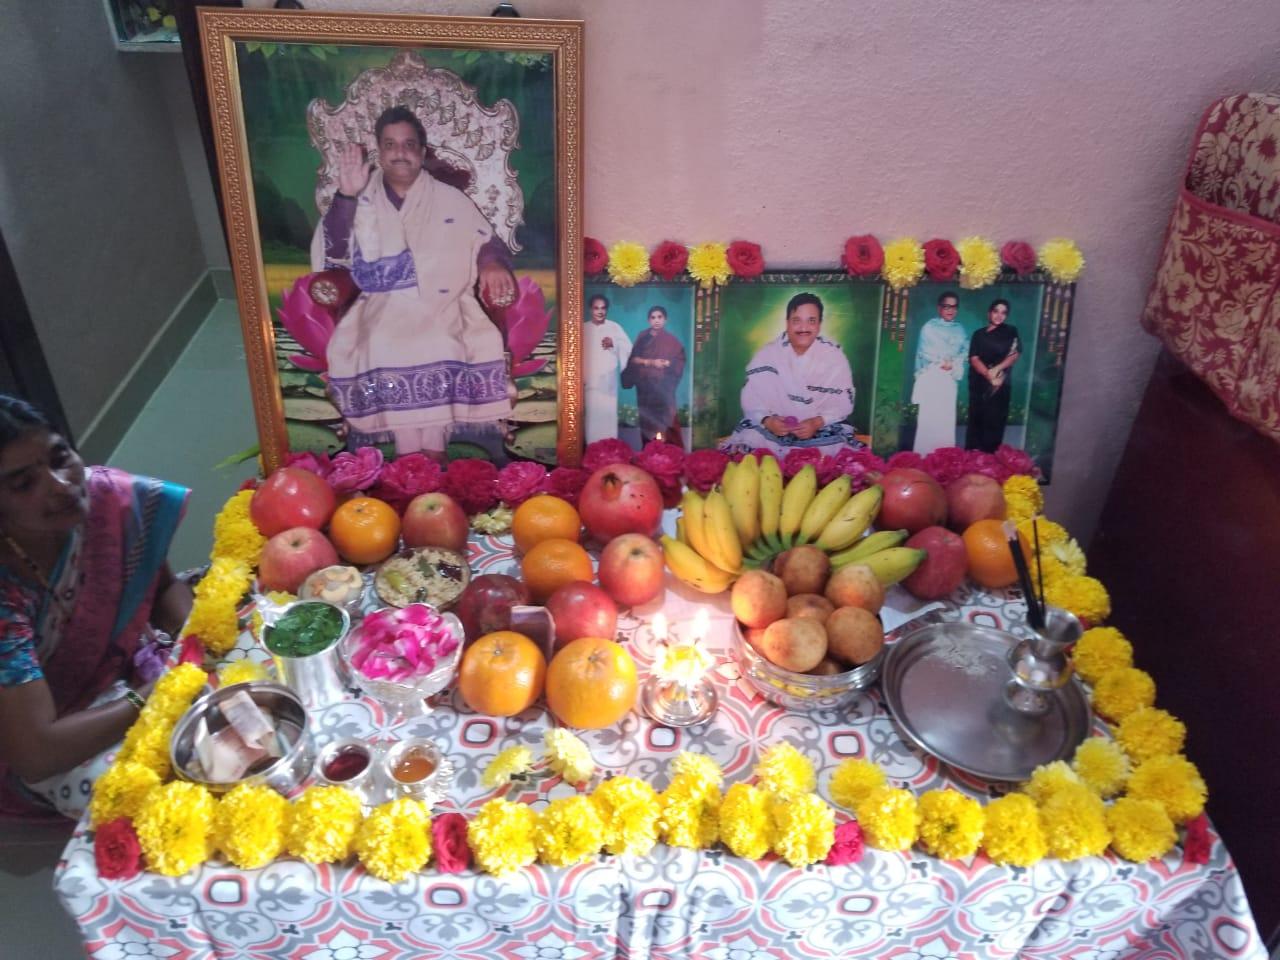 01-Aaradhana-AdabalaDhanaraju-Alampuram-WG-AP-06012020